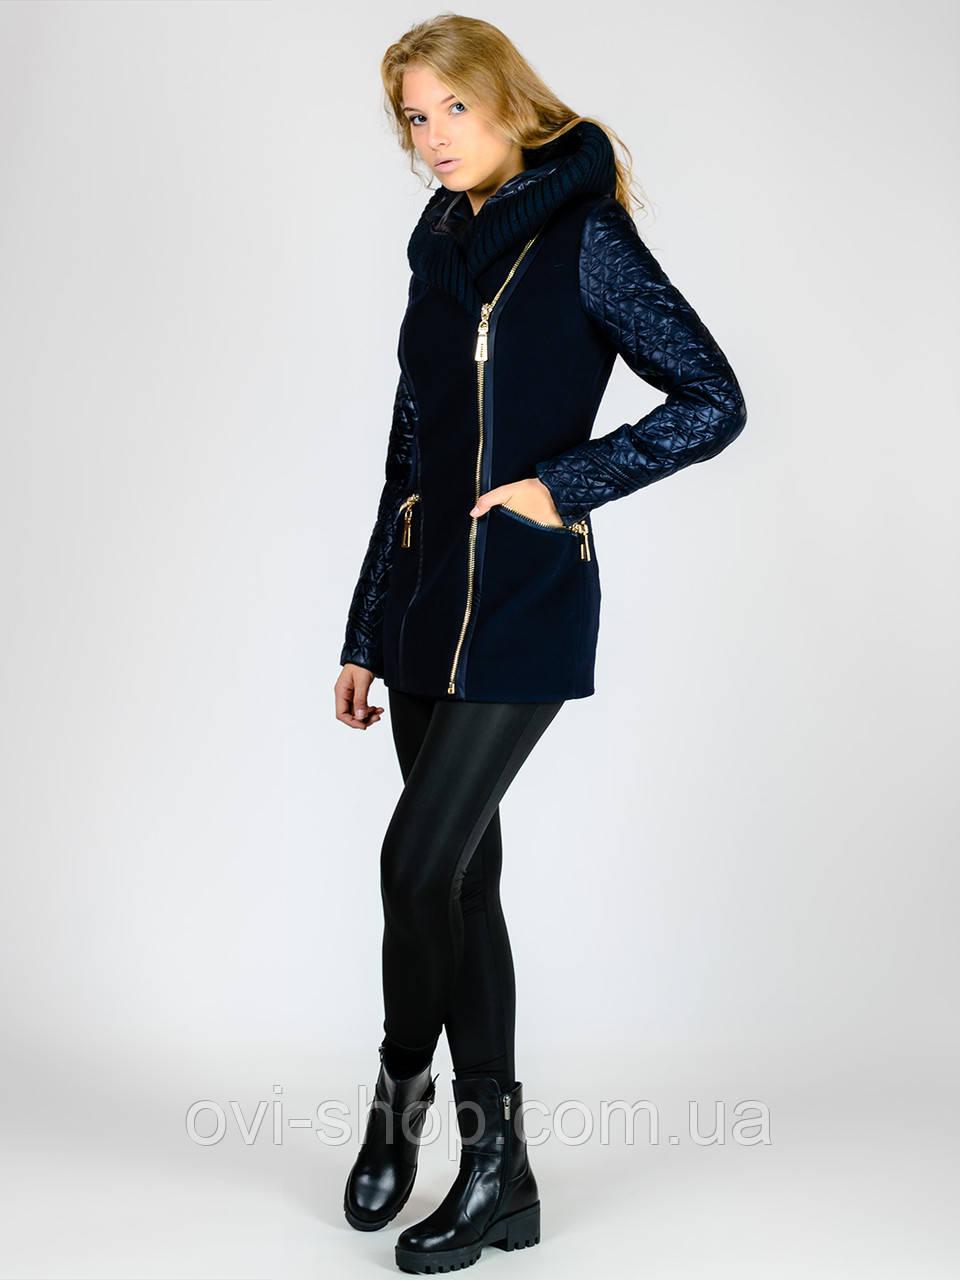 Женская Одежда Zara Интернет Магазин Доставка